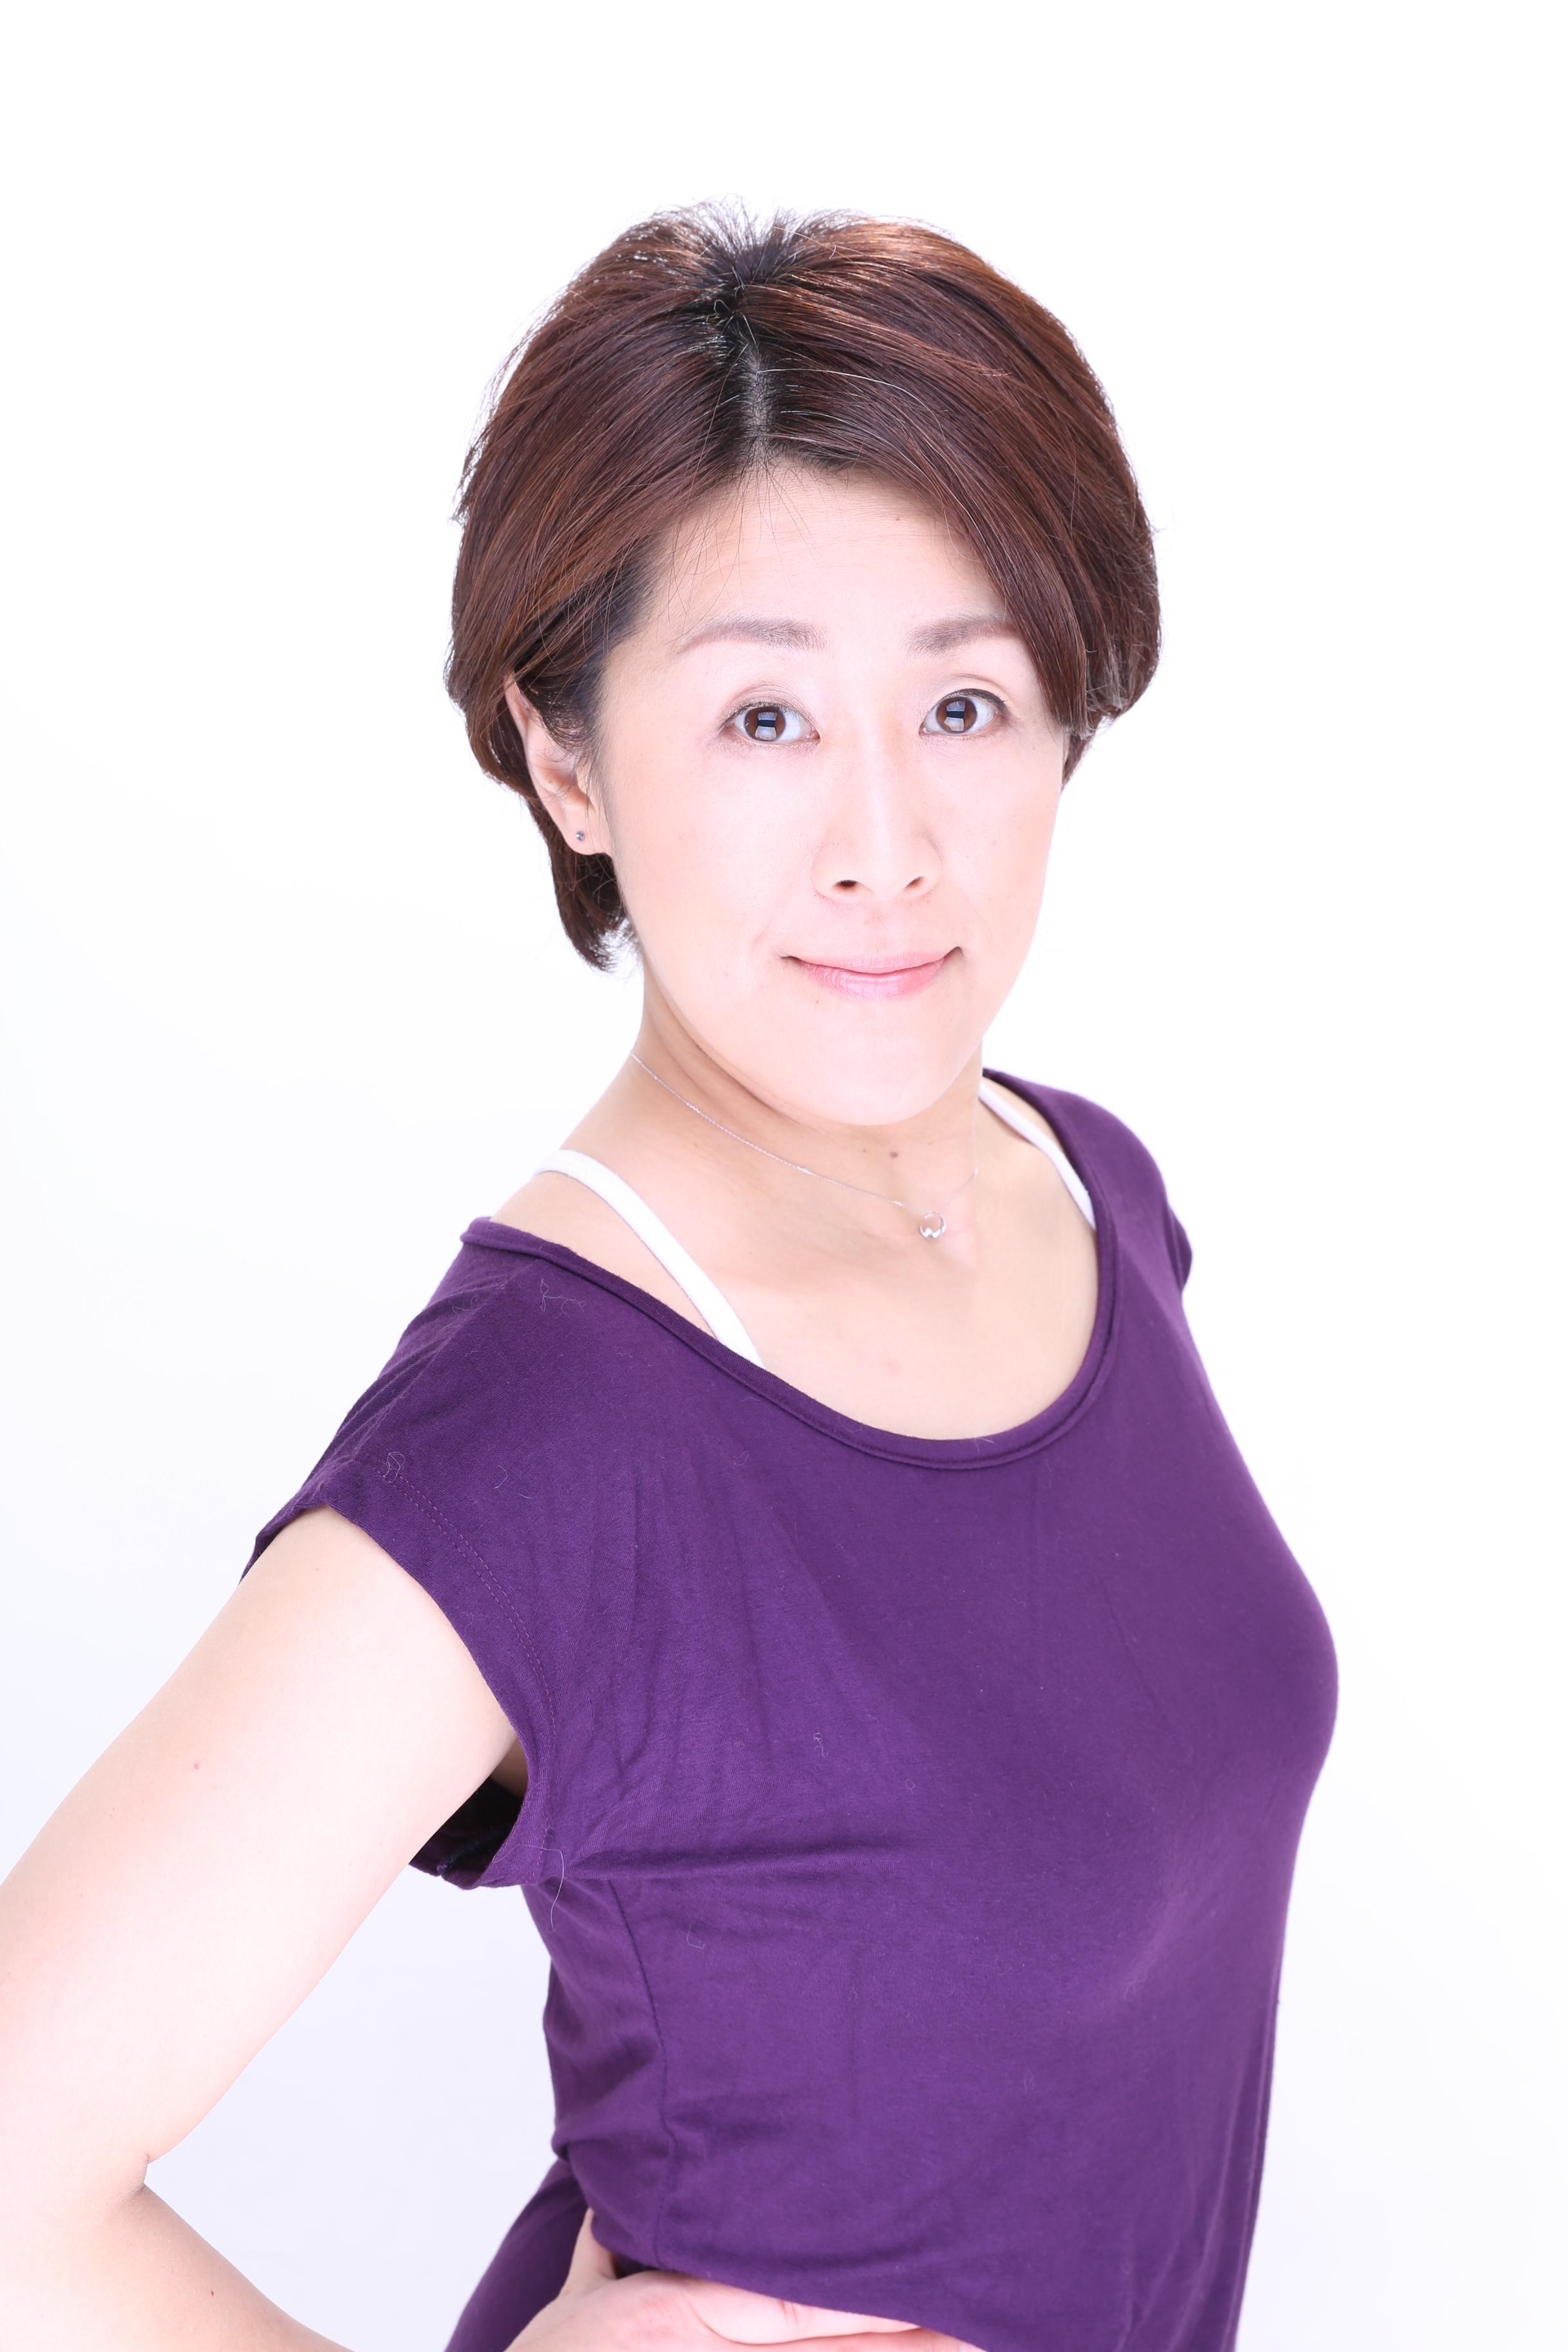 ドゥミルネサンス五反田 - 山口 由記(ヤマグチ ユキ)さんの写真